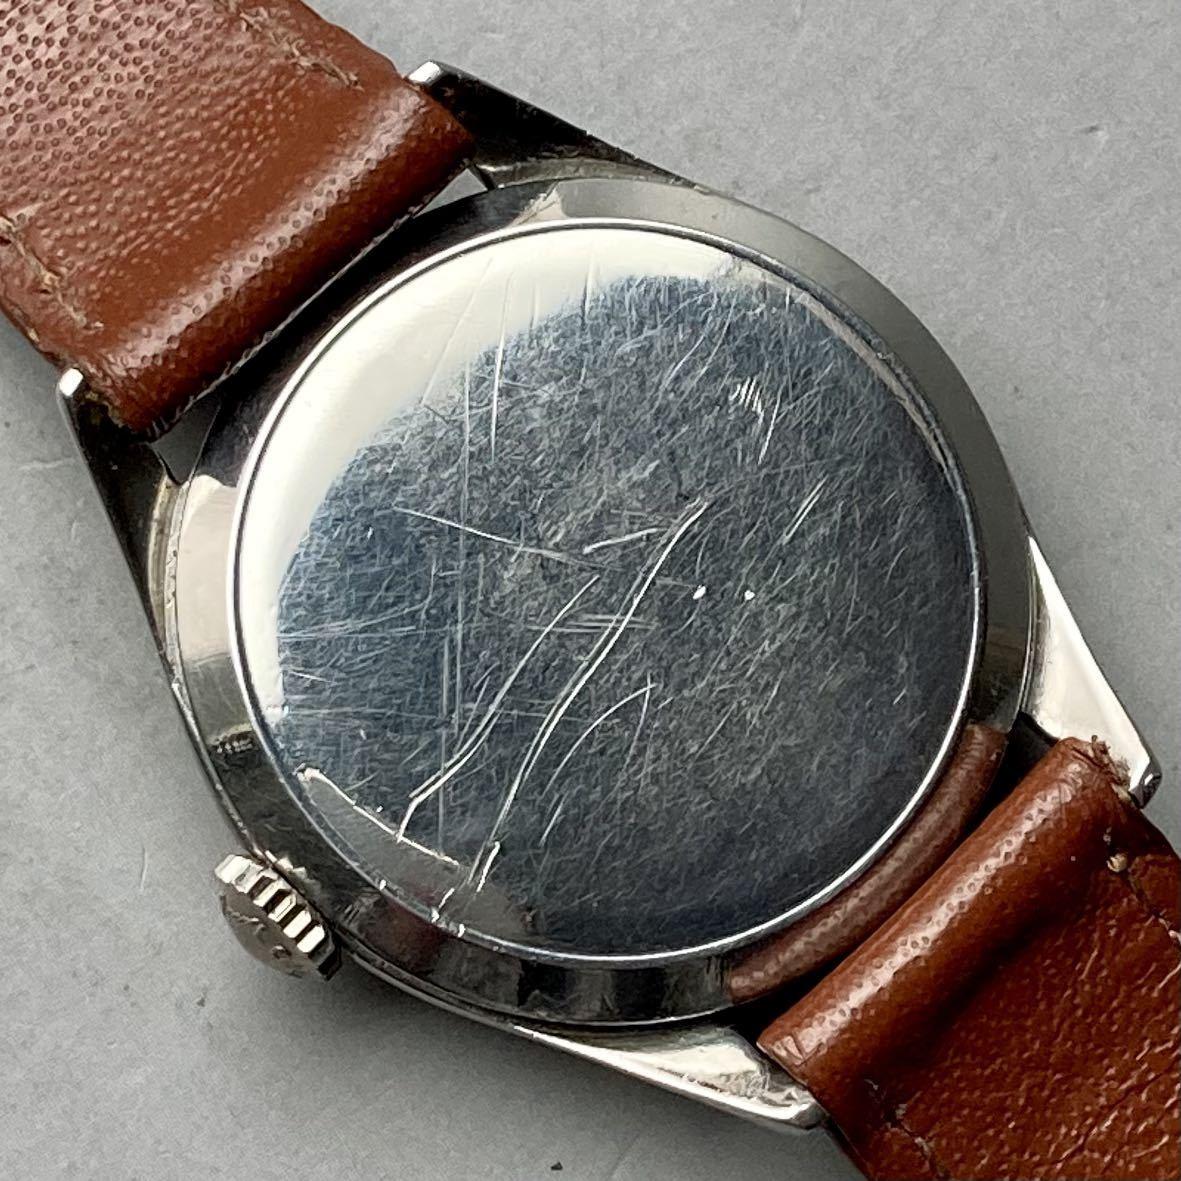 動作良好★ロンジン アンティーク 腕時計 1950年代 メンズ 手巻き cal.12.68Z ケース径33㎜ LONGINES ビンテージ ウォッチ 男性 スイス_画像7